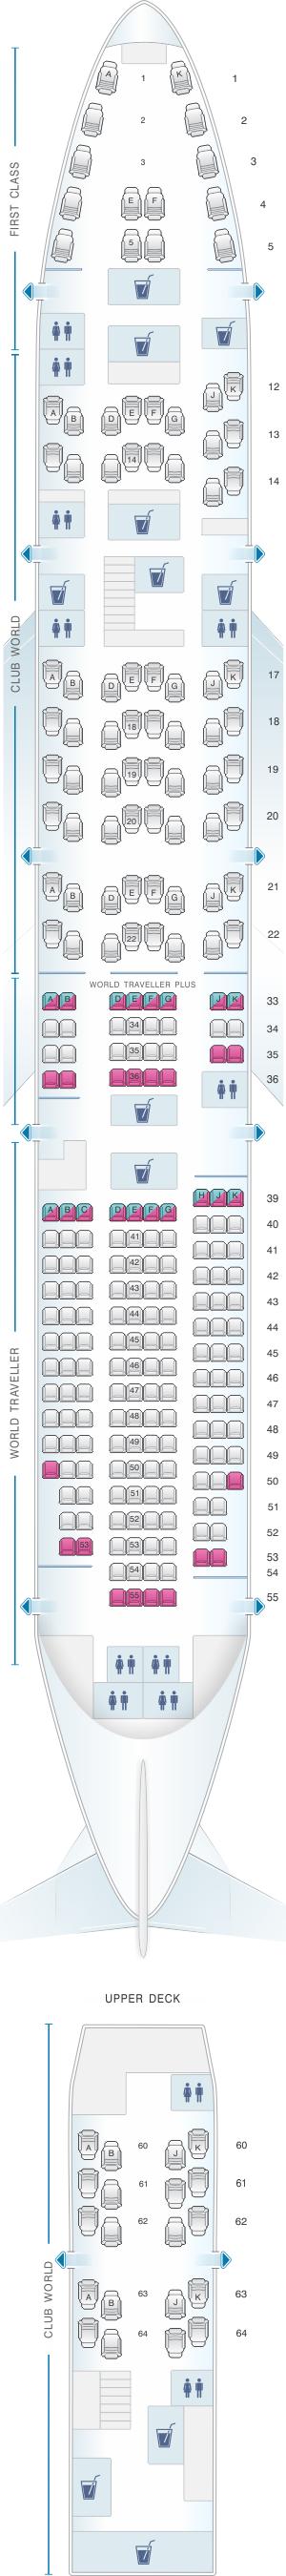 Seat map for British Airways Boeing B747 400 275PAX